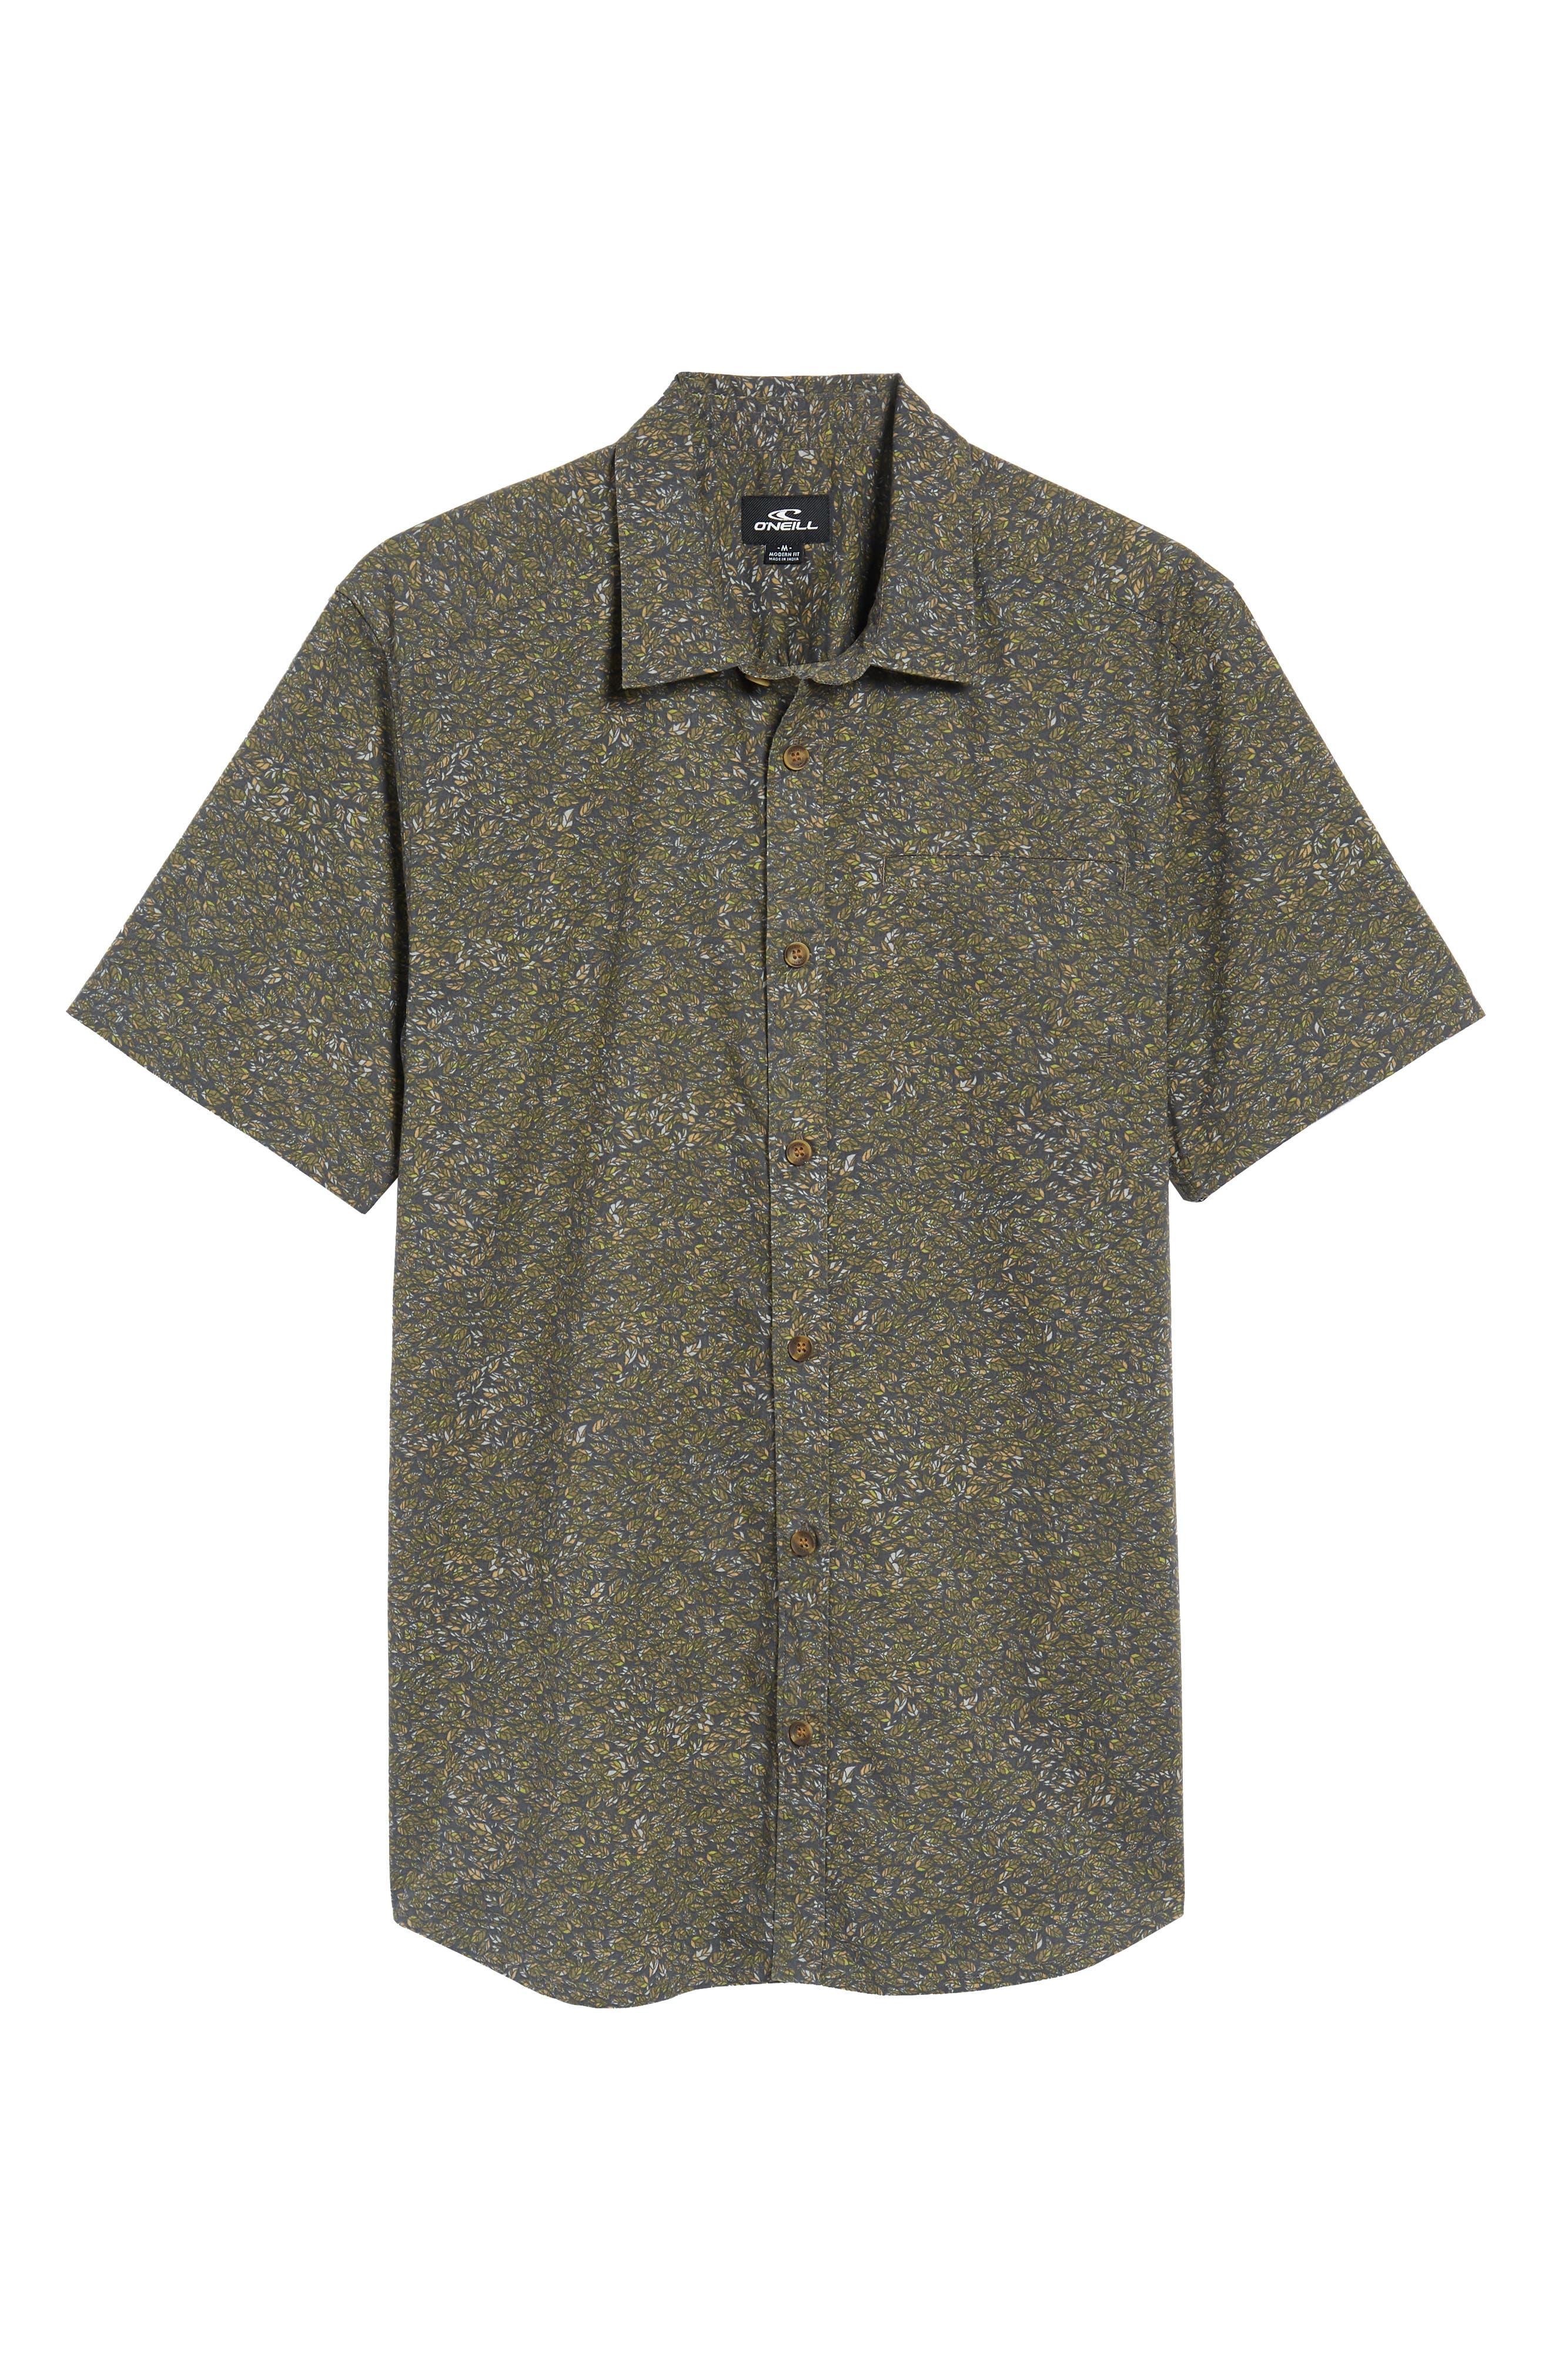 Livingston Short Sleeve Shirt,                             Alternate thumbnail 6, color,                             020